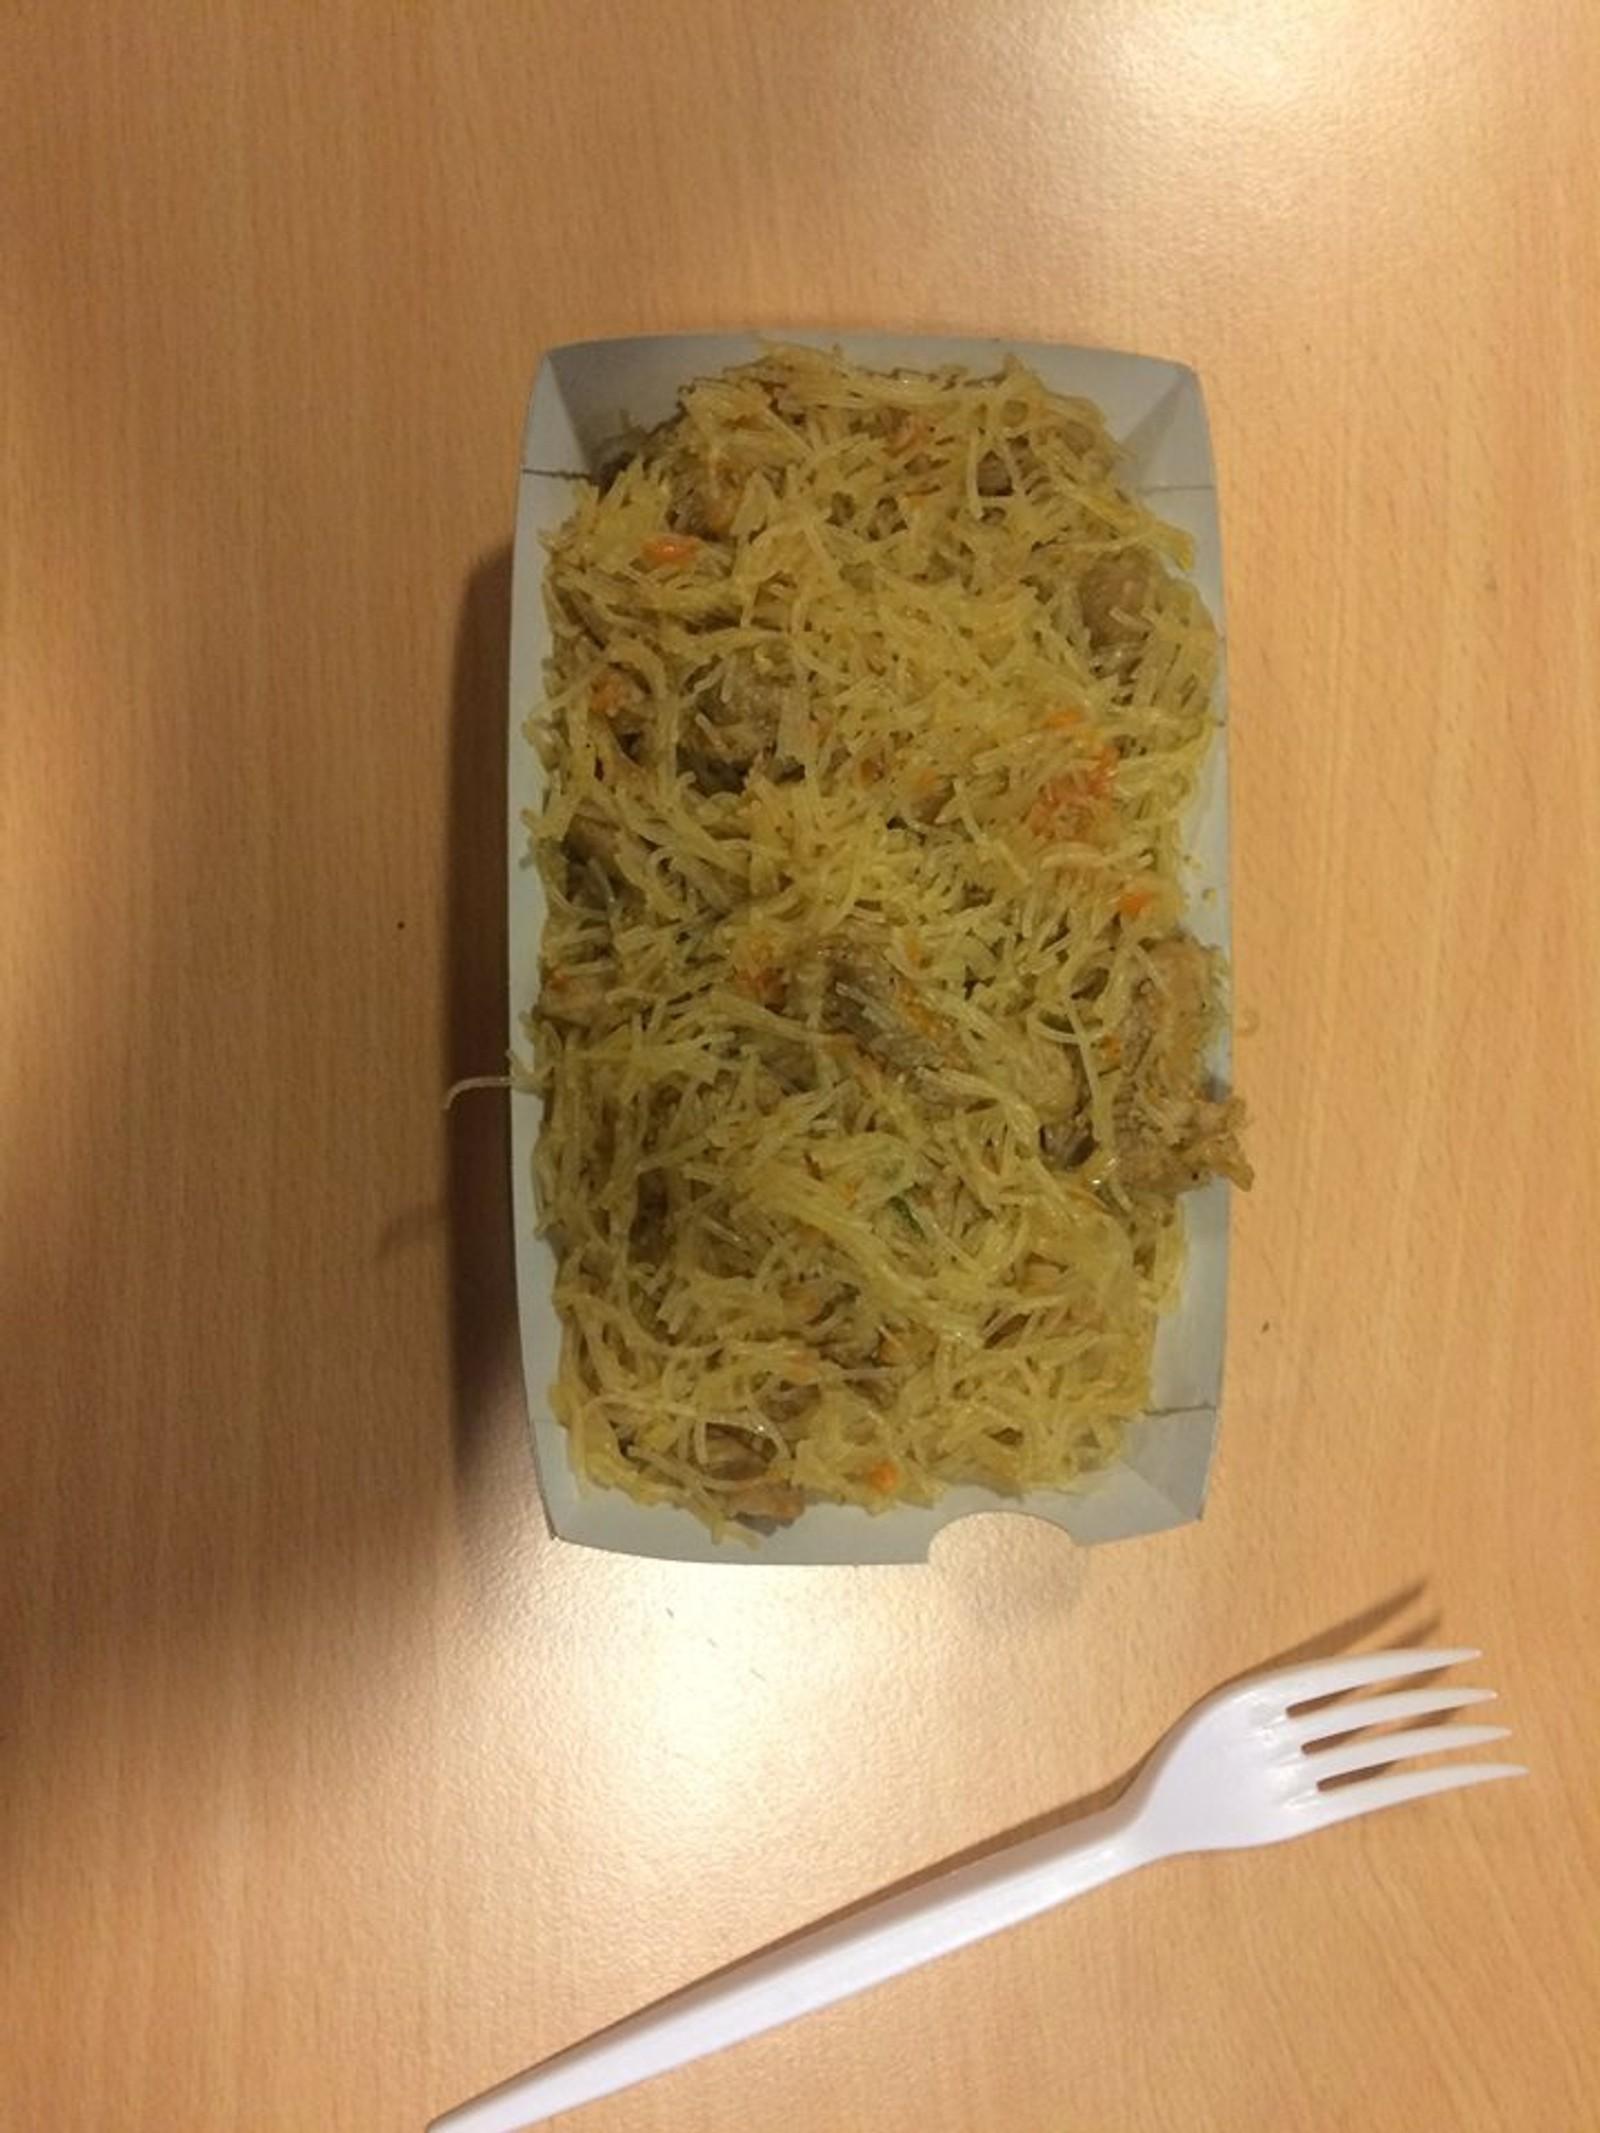 LANGHAUGEN: Tam på smaken og stusselig utseende, er dommen over denne pastaretten.